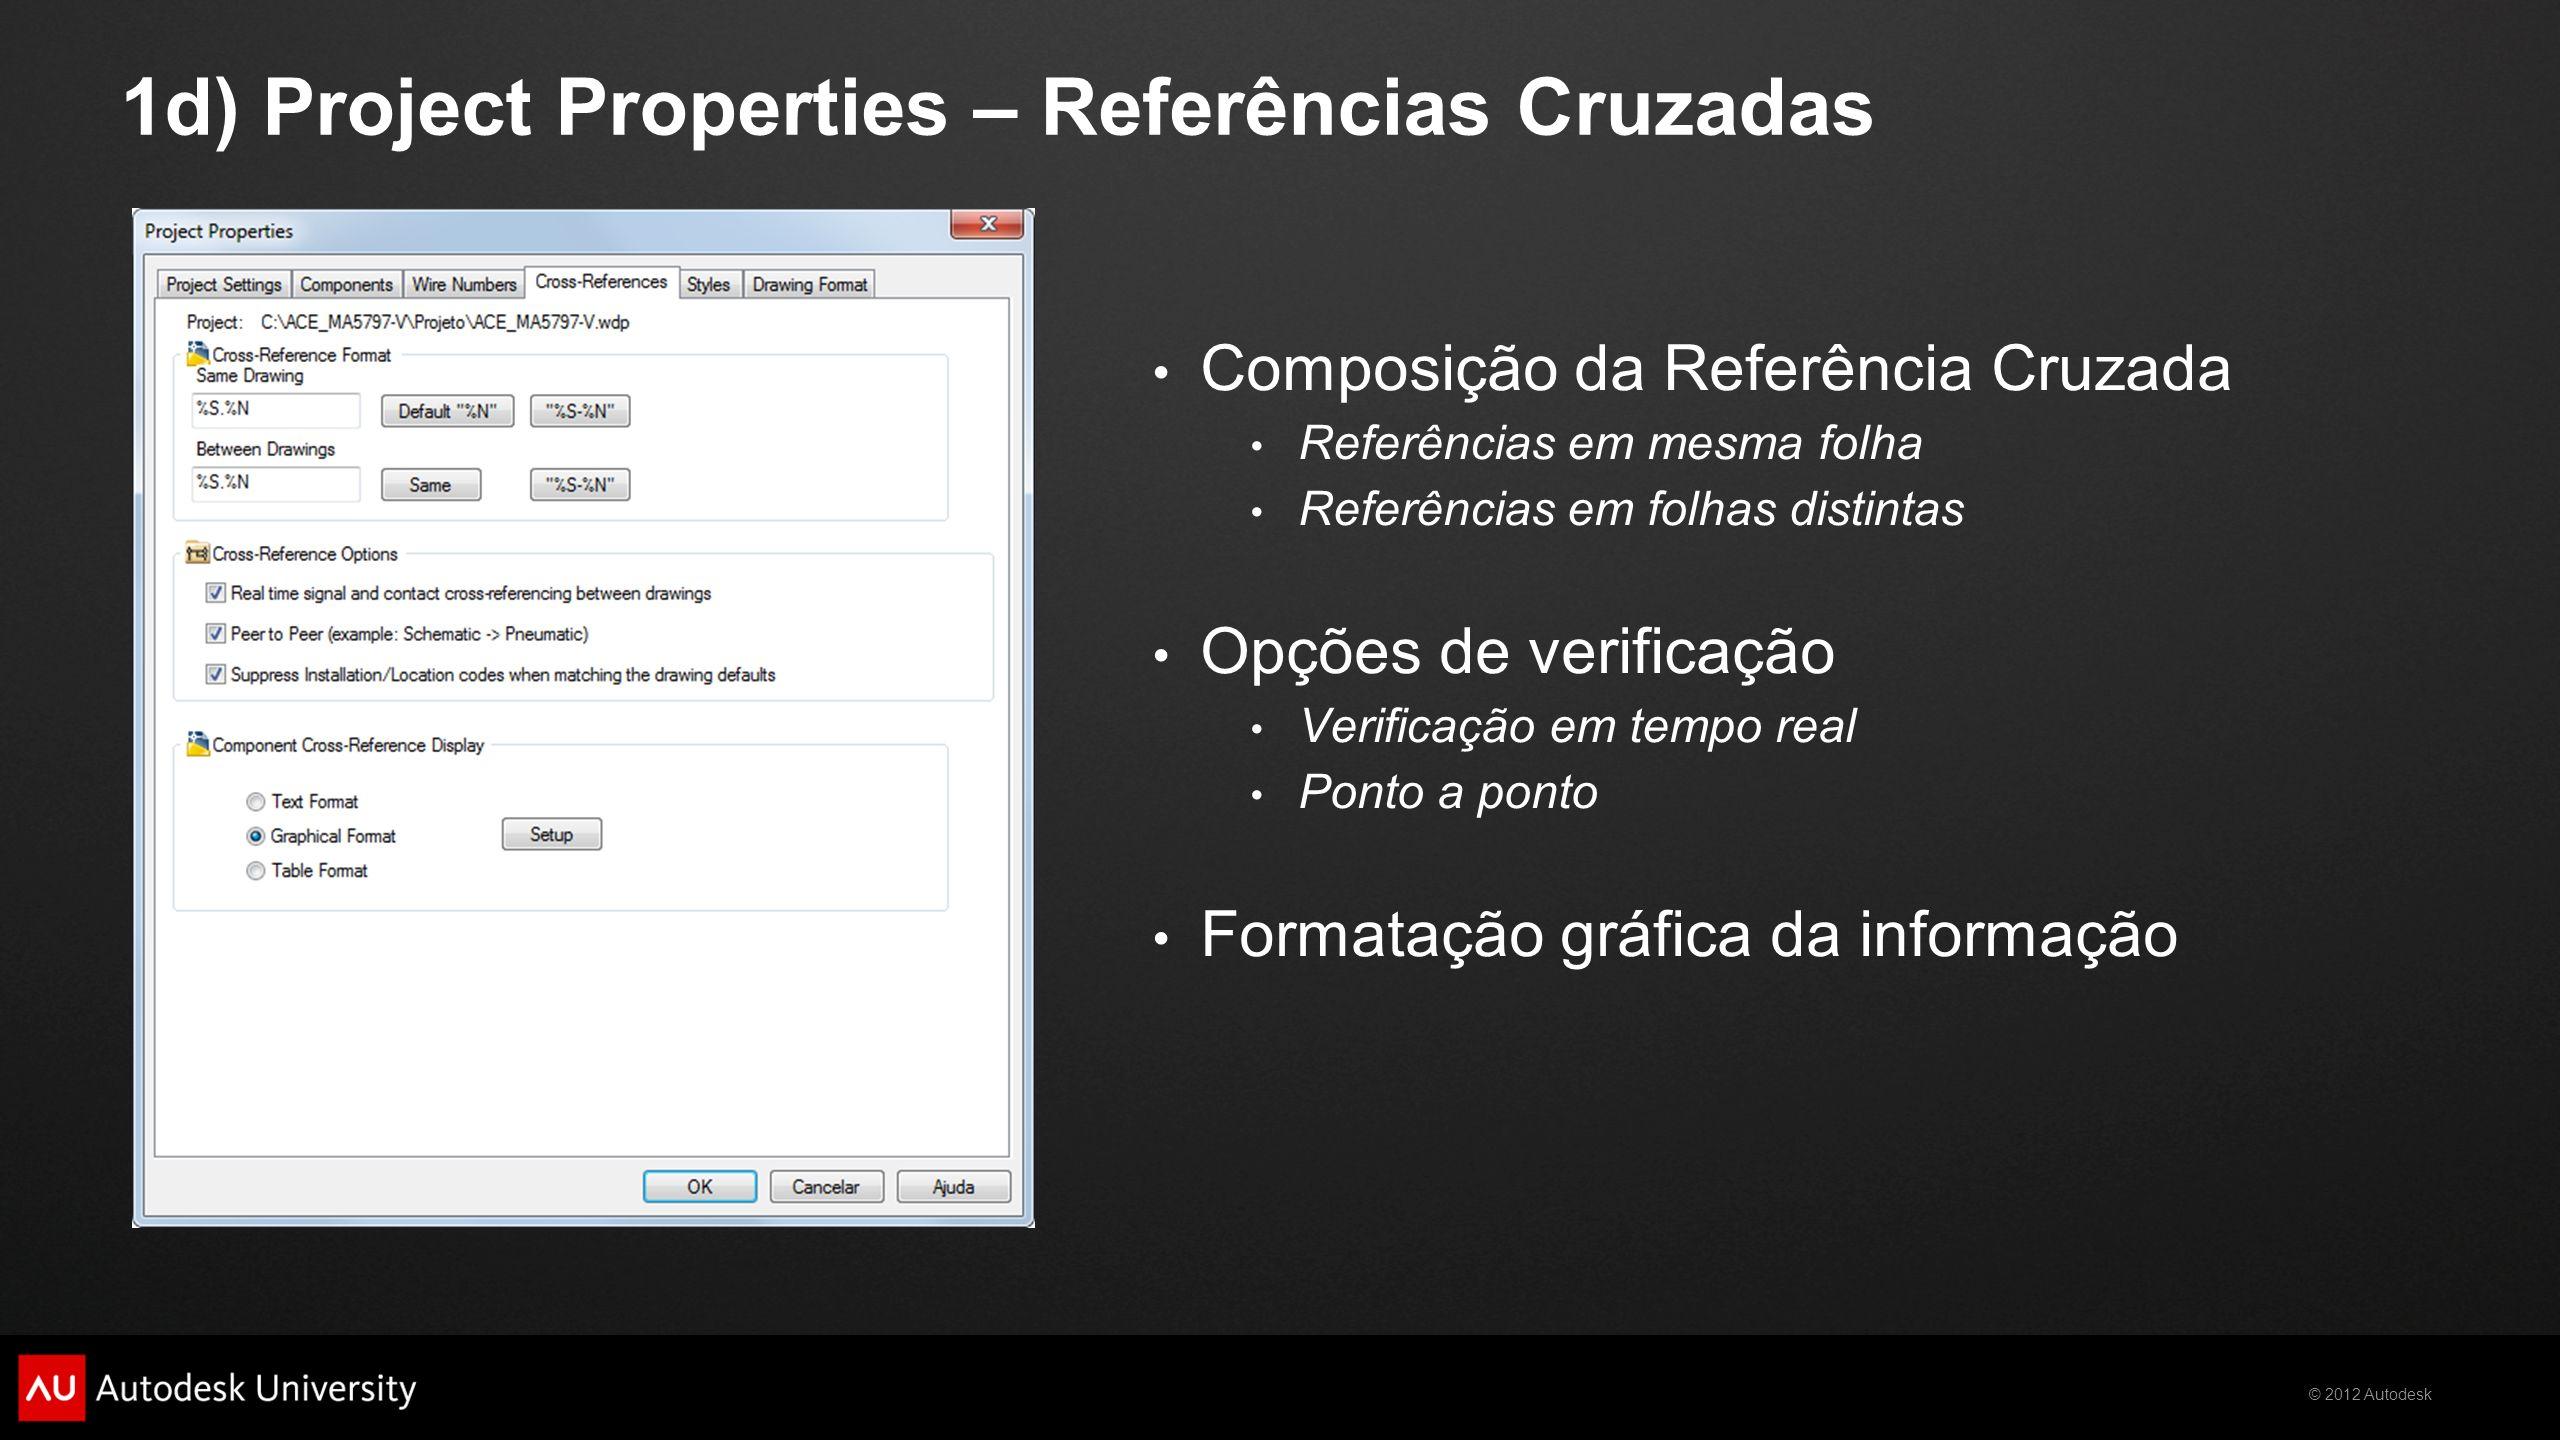 1d) Project Properties – Referências Cruzadas